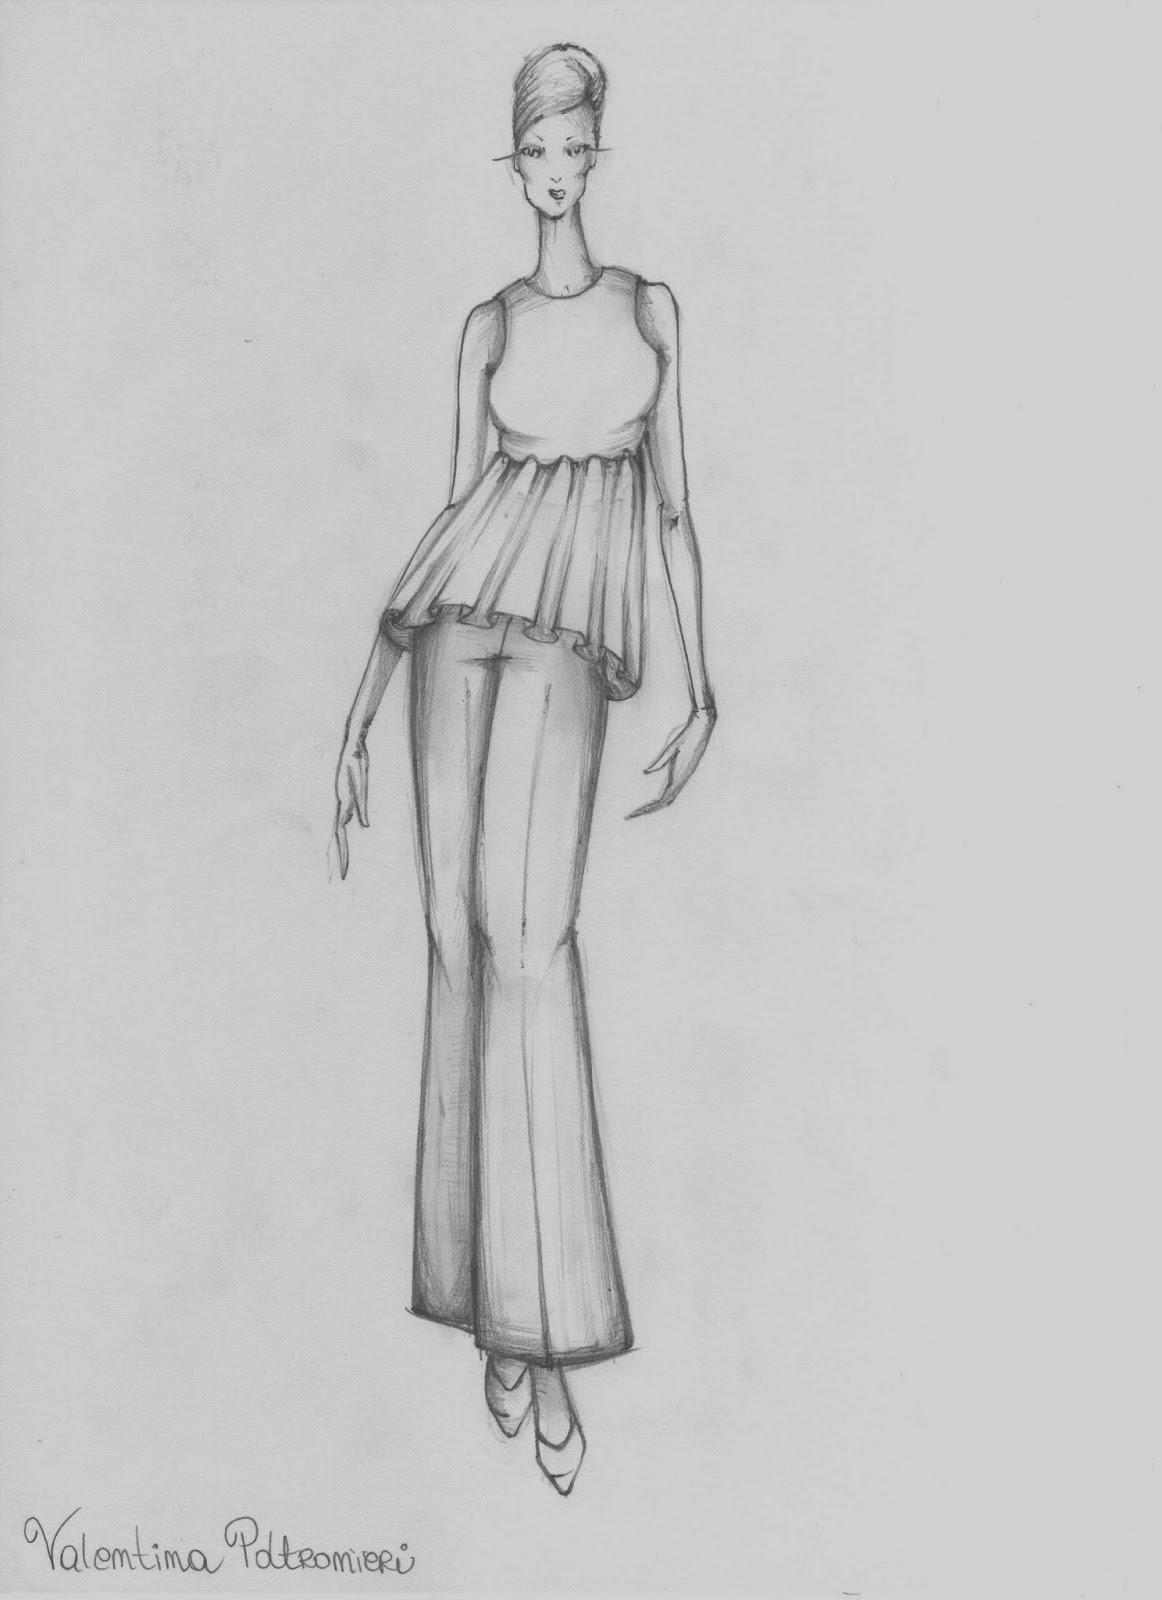 Favoloso Valentina Poltronieri Fashion Blog: DISEGNI DI MODA DH78